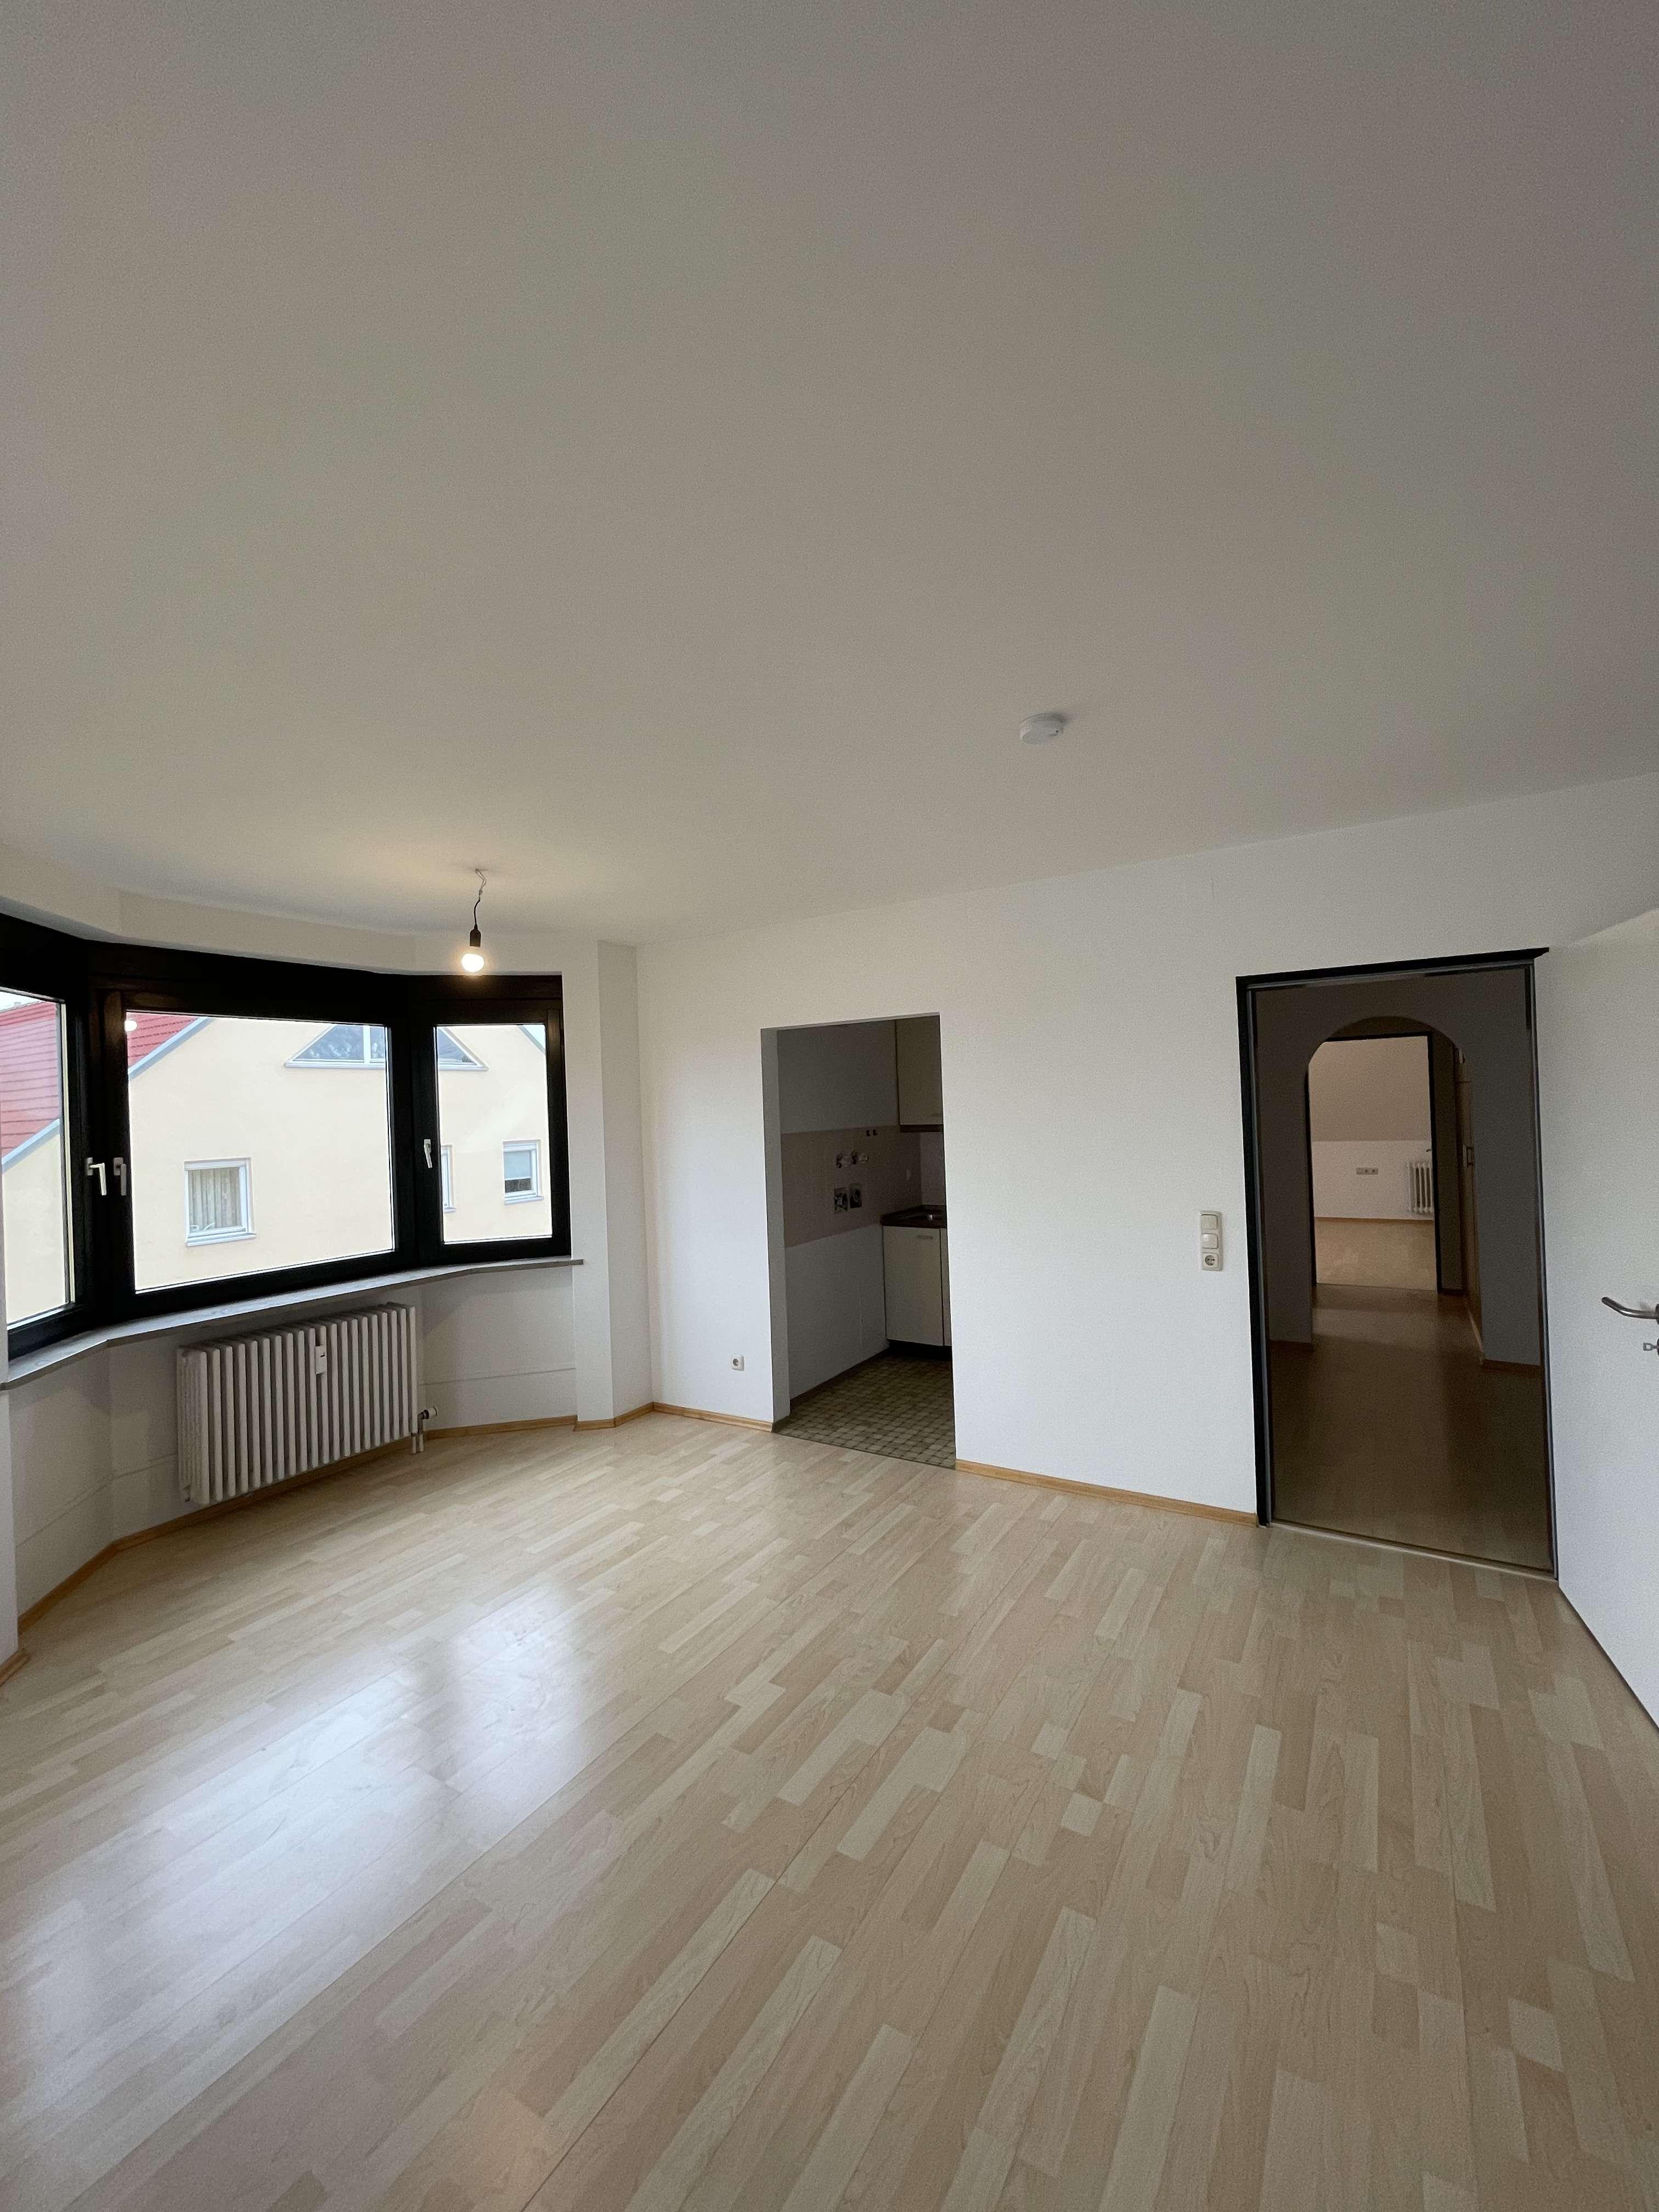 Stilvolle, sanierte 2-Zi-Dachgeschosswohnung mit EBK in Uni Nähe in